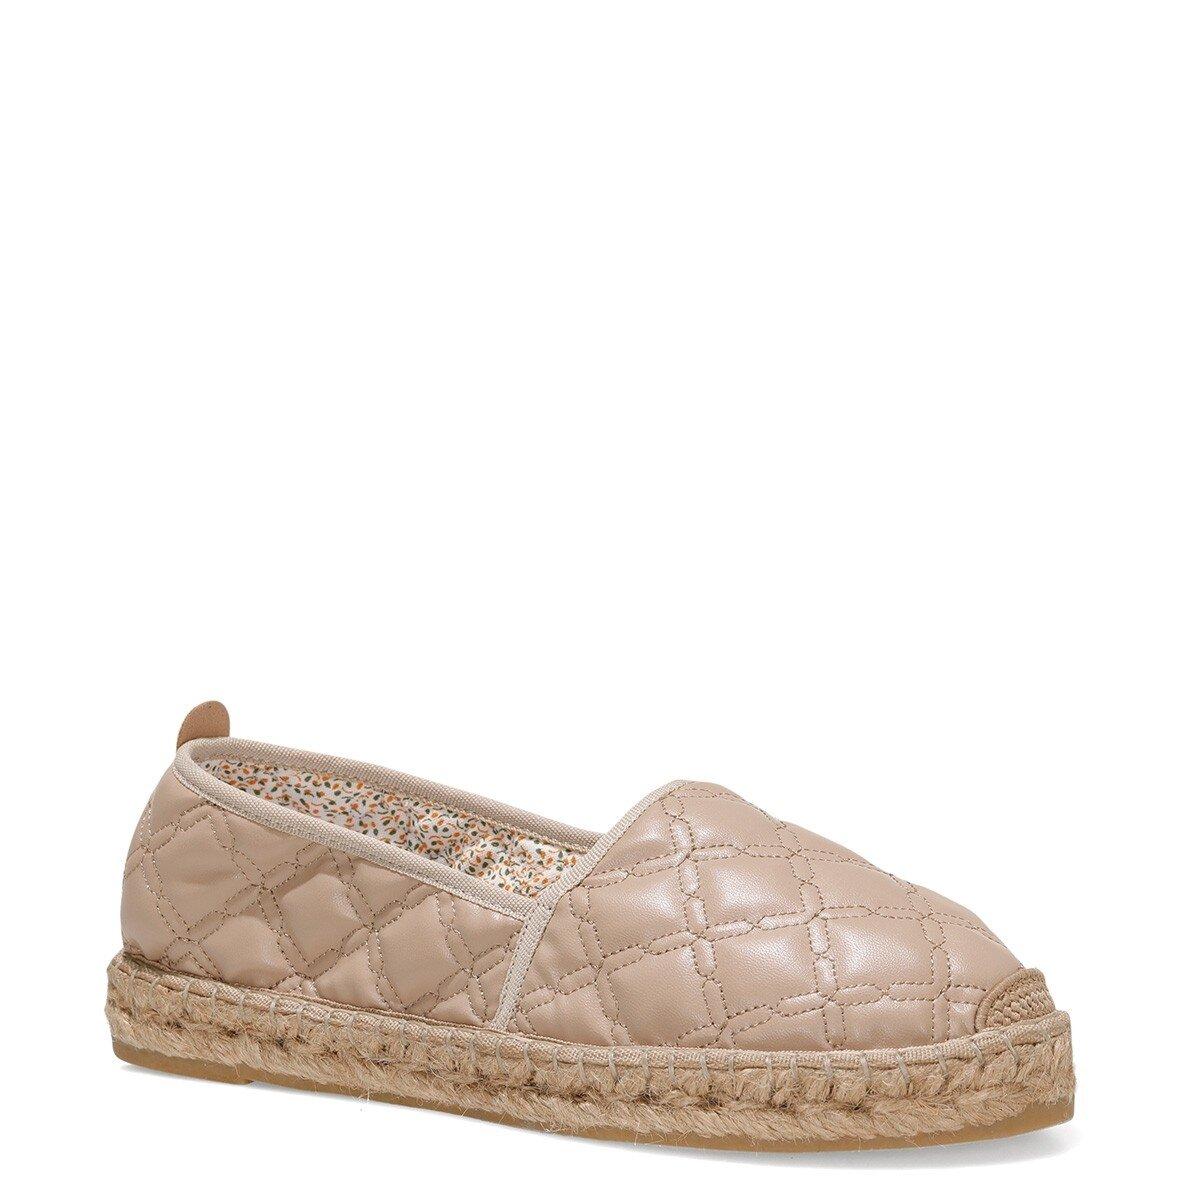 BONEMORE 1FX Camel Kadın Espadril Ayakkabı